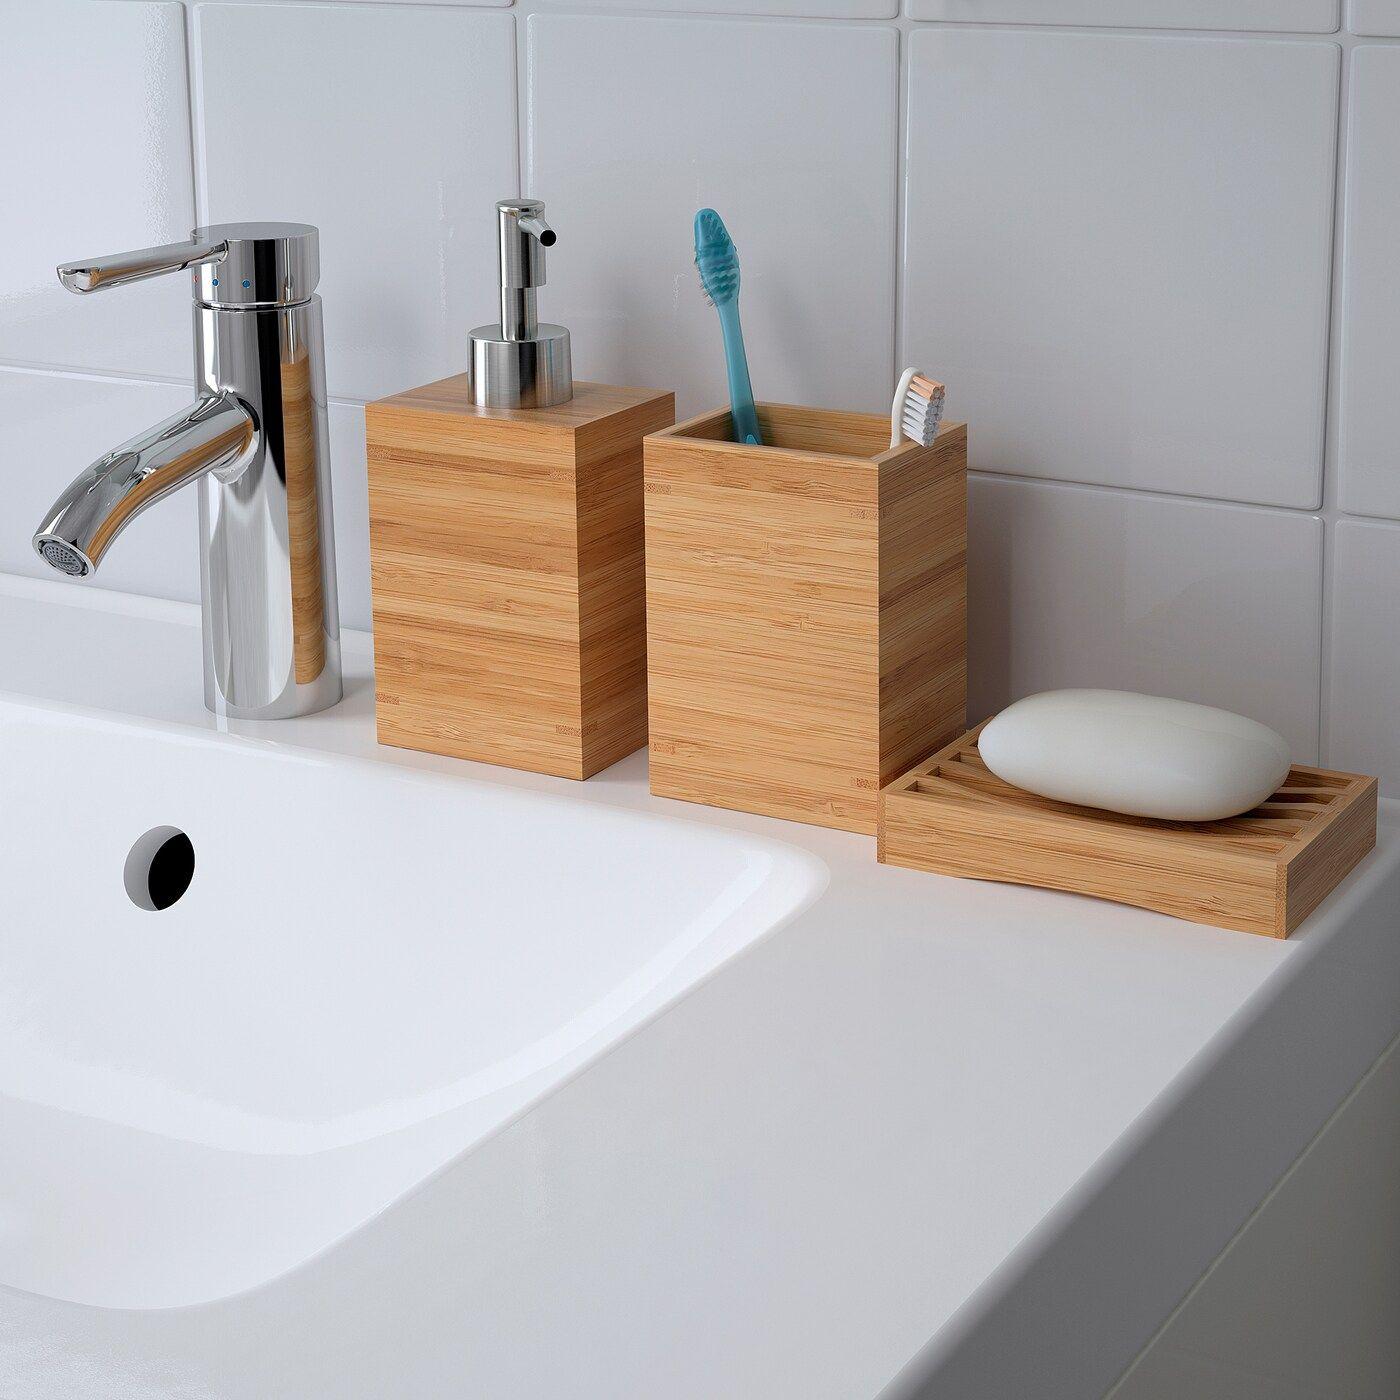 Naturliche Holz Seife Tray Halter Gericht Lagerung Bad Dusche Platte Hause Bad Waschen Rack E Seifenschalen Seife Duschbadewanne